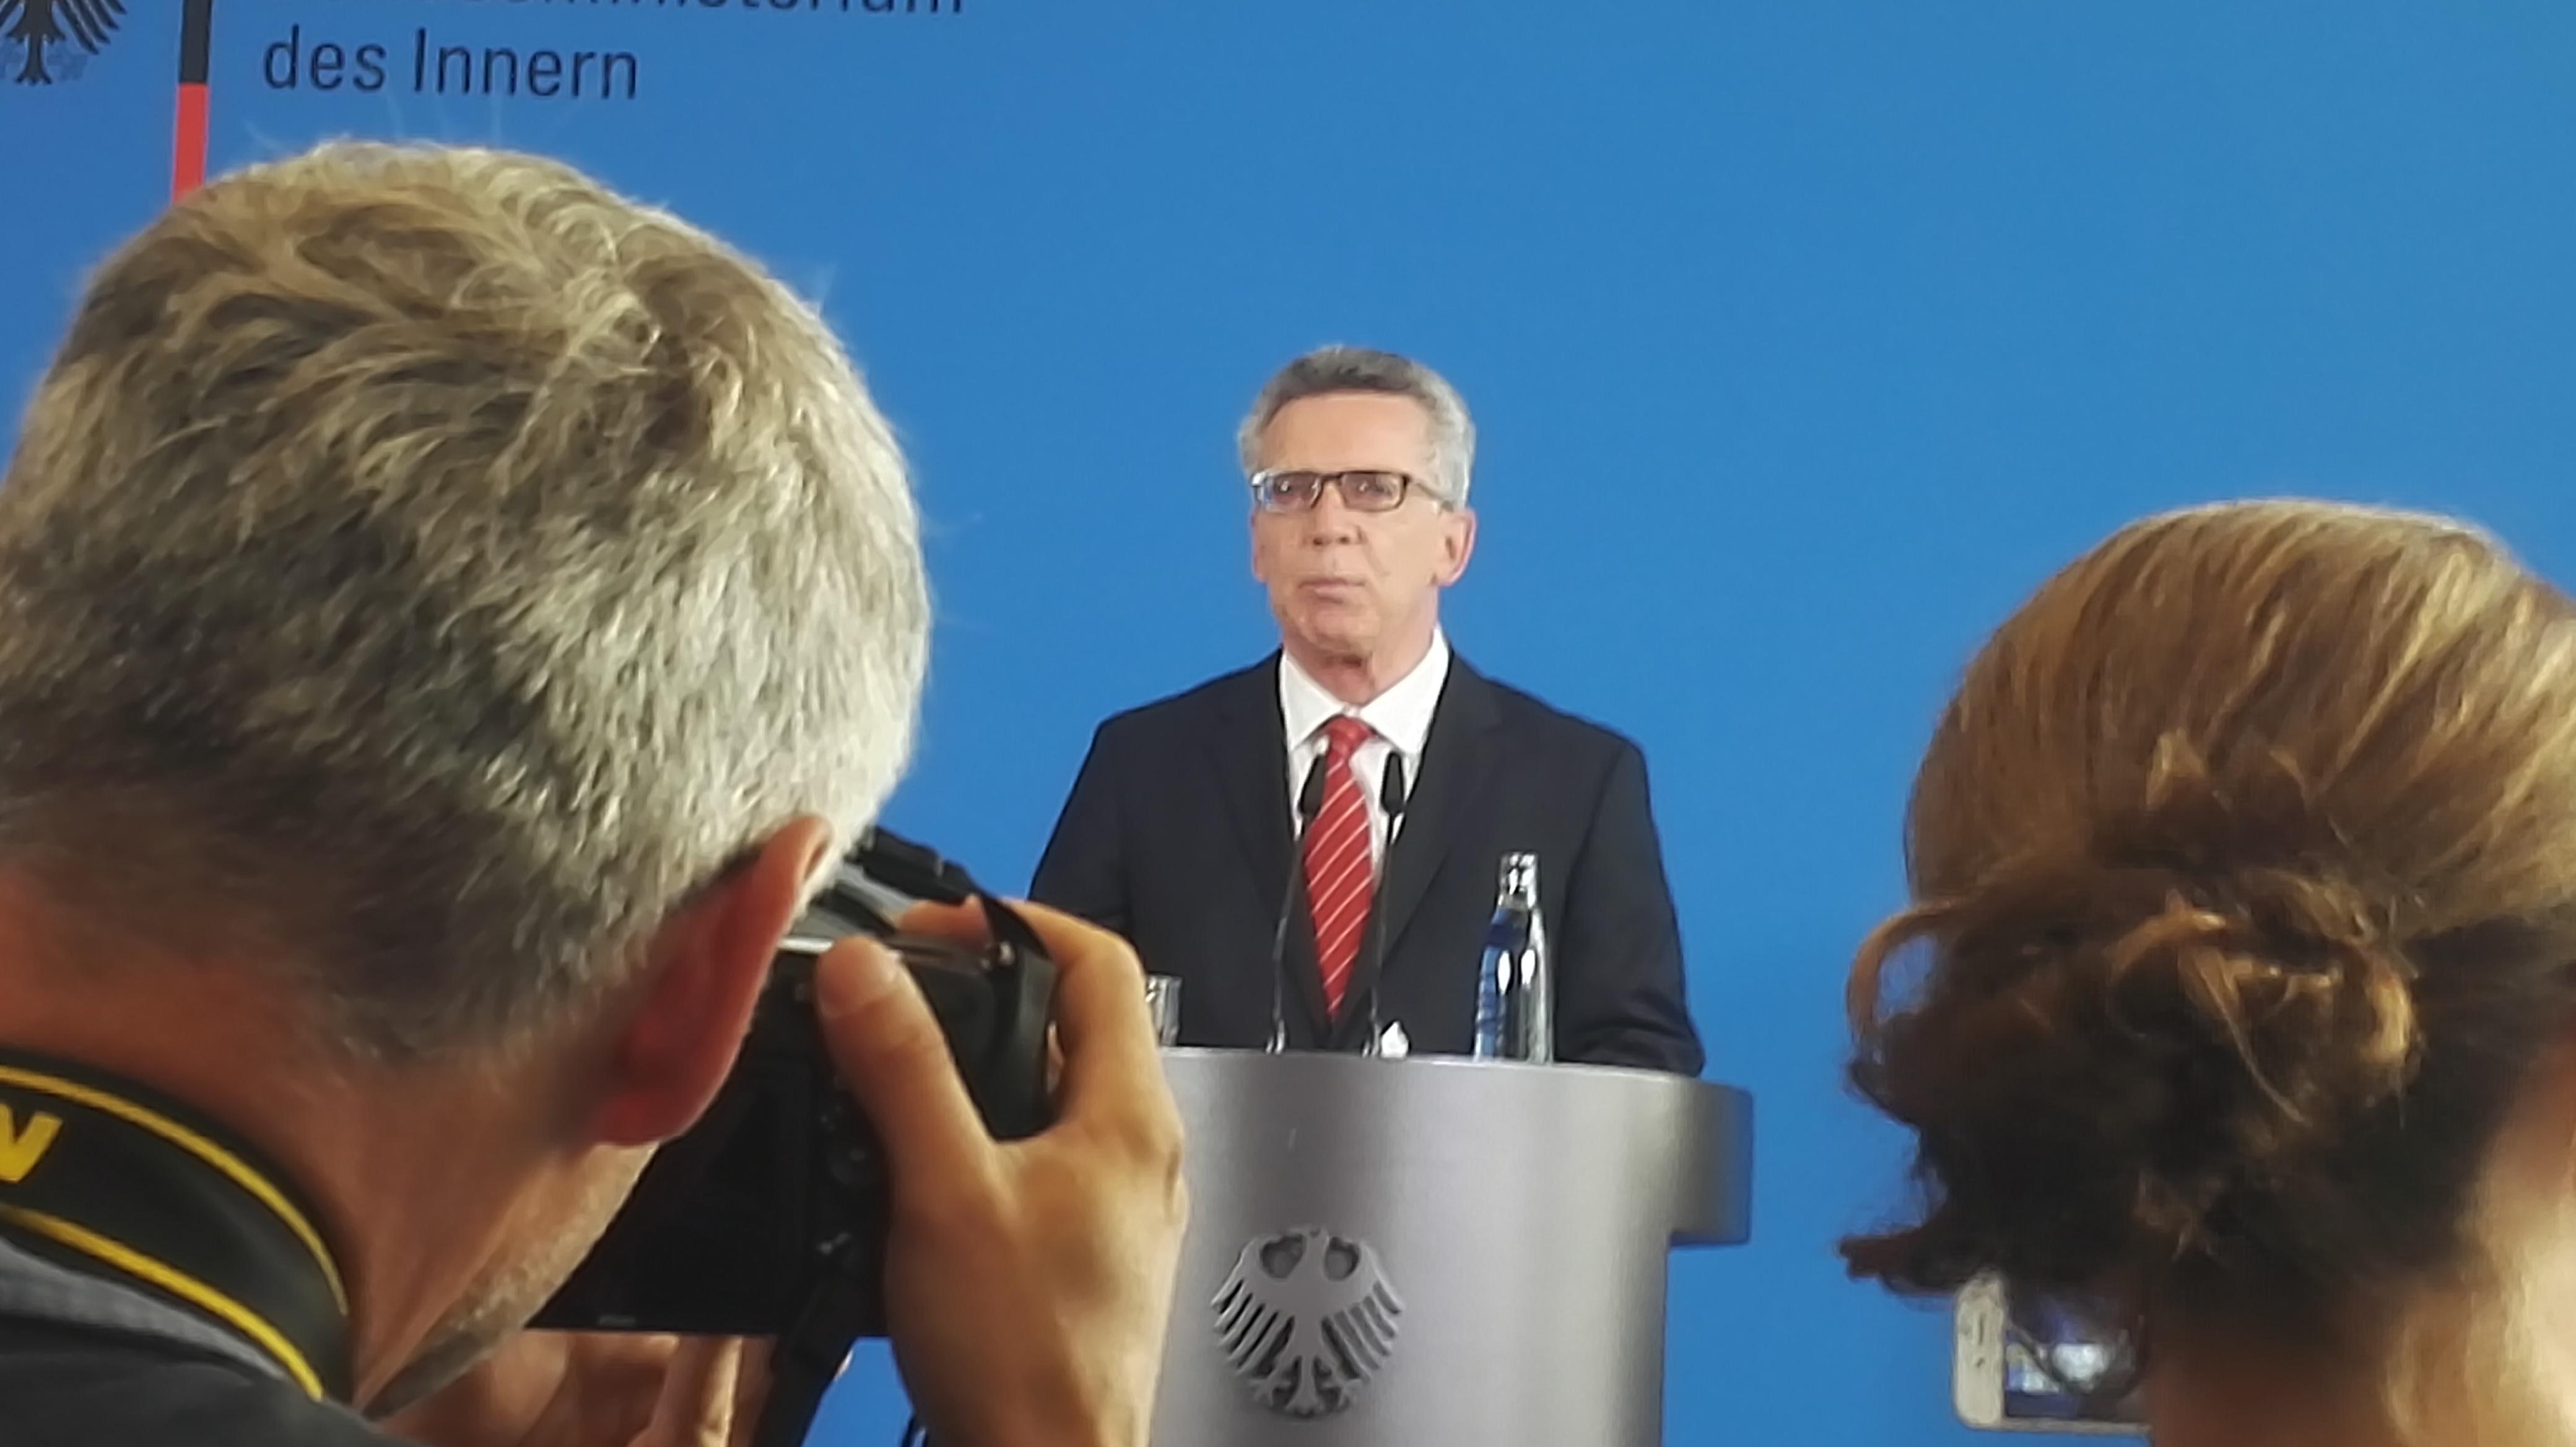 Wahlkampfmanöver: Innenminister verbietet linksunten.indymedia.org ...